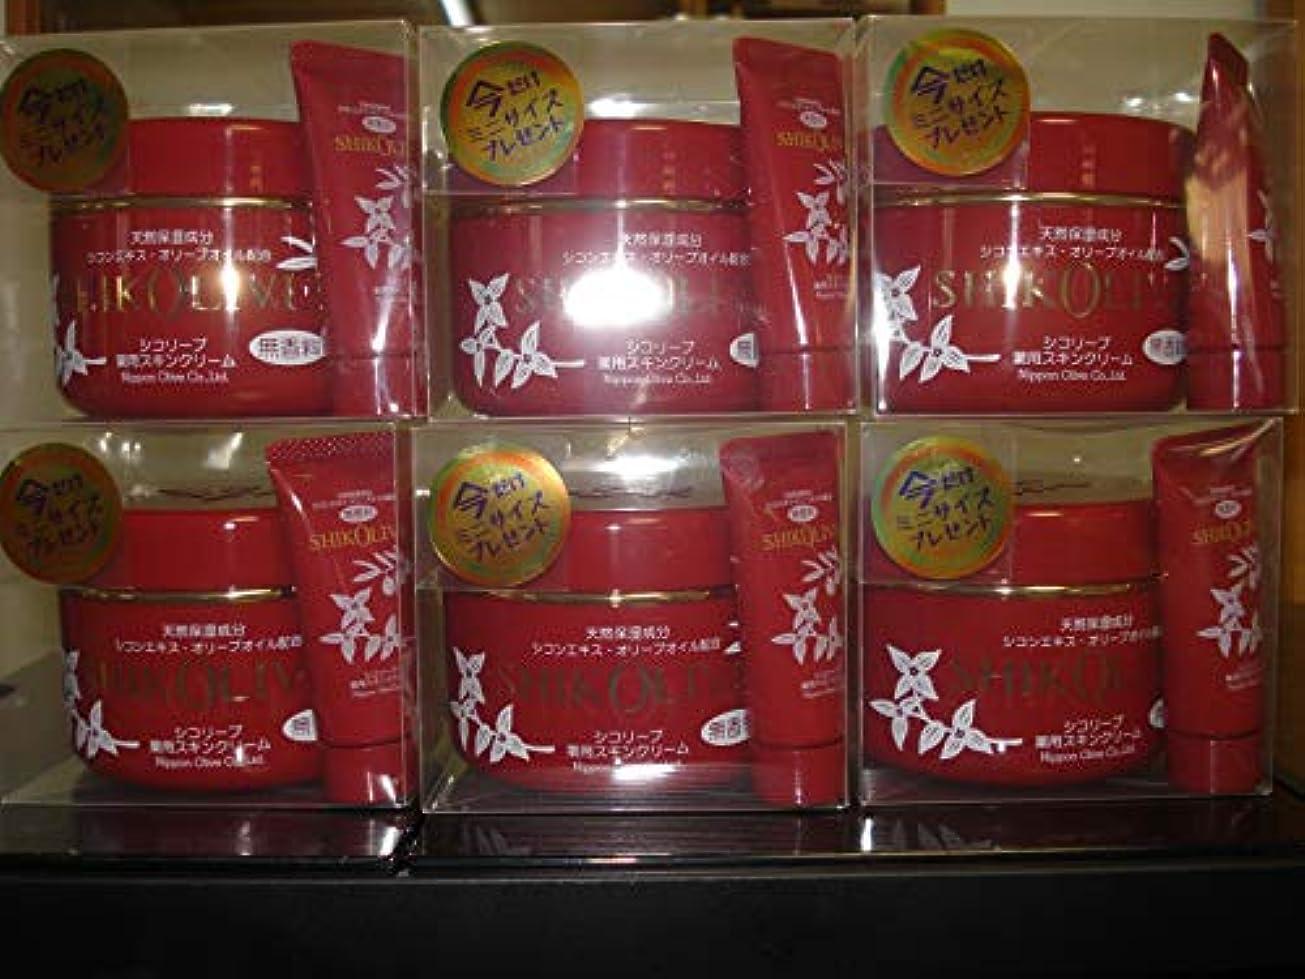 オリーブマノン シコリープ 薬用スキンクリーム 180g+15gミニサイズおまけつき 6個セット